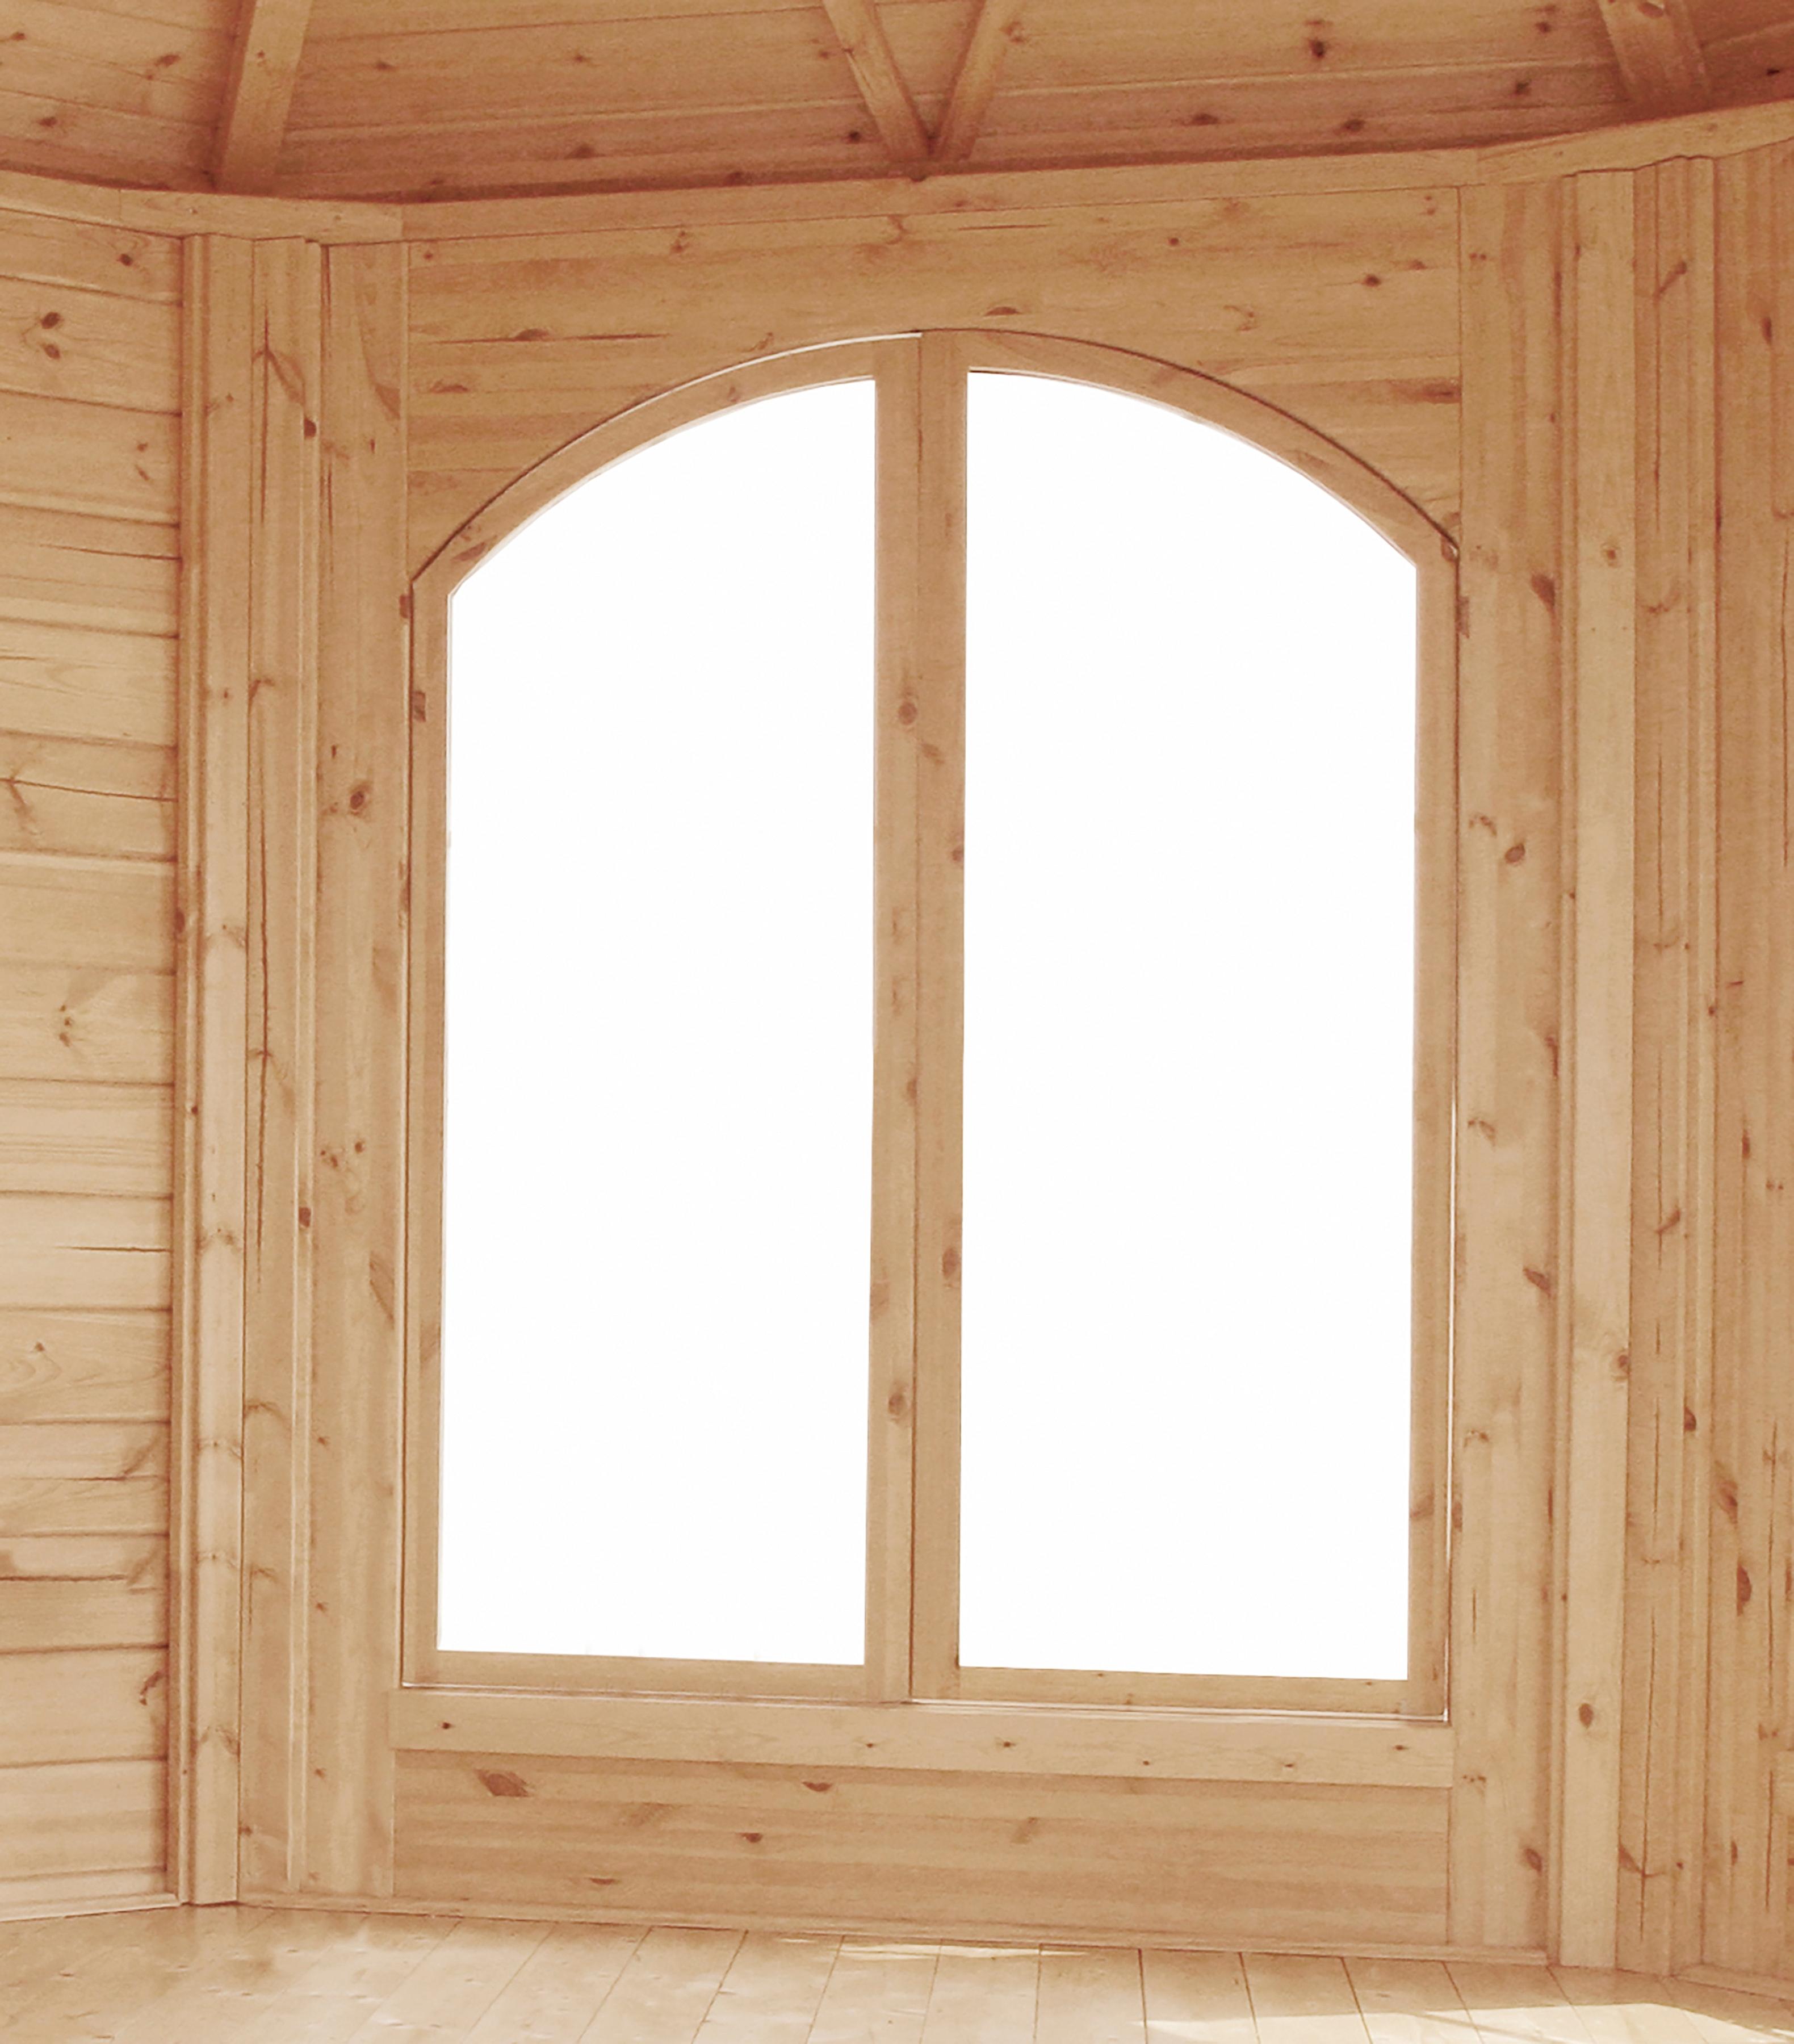 WOLFF FINNHAUS Fenster BxH: 123x157 cm | Baumarkt > Modernisieren und Baün > Fenster | WOLFF FINNHAUS